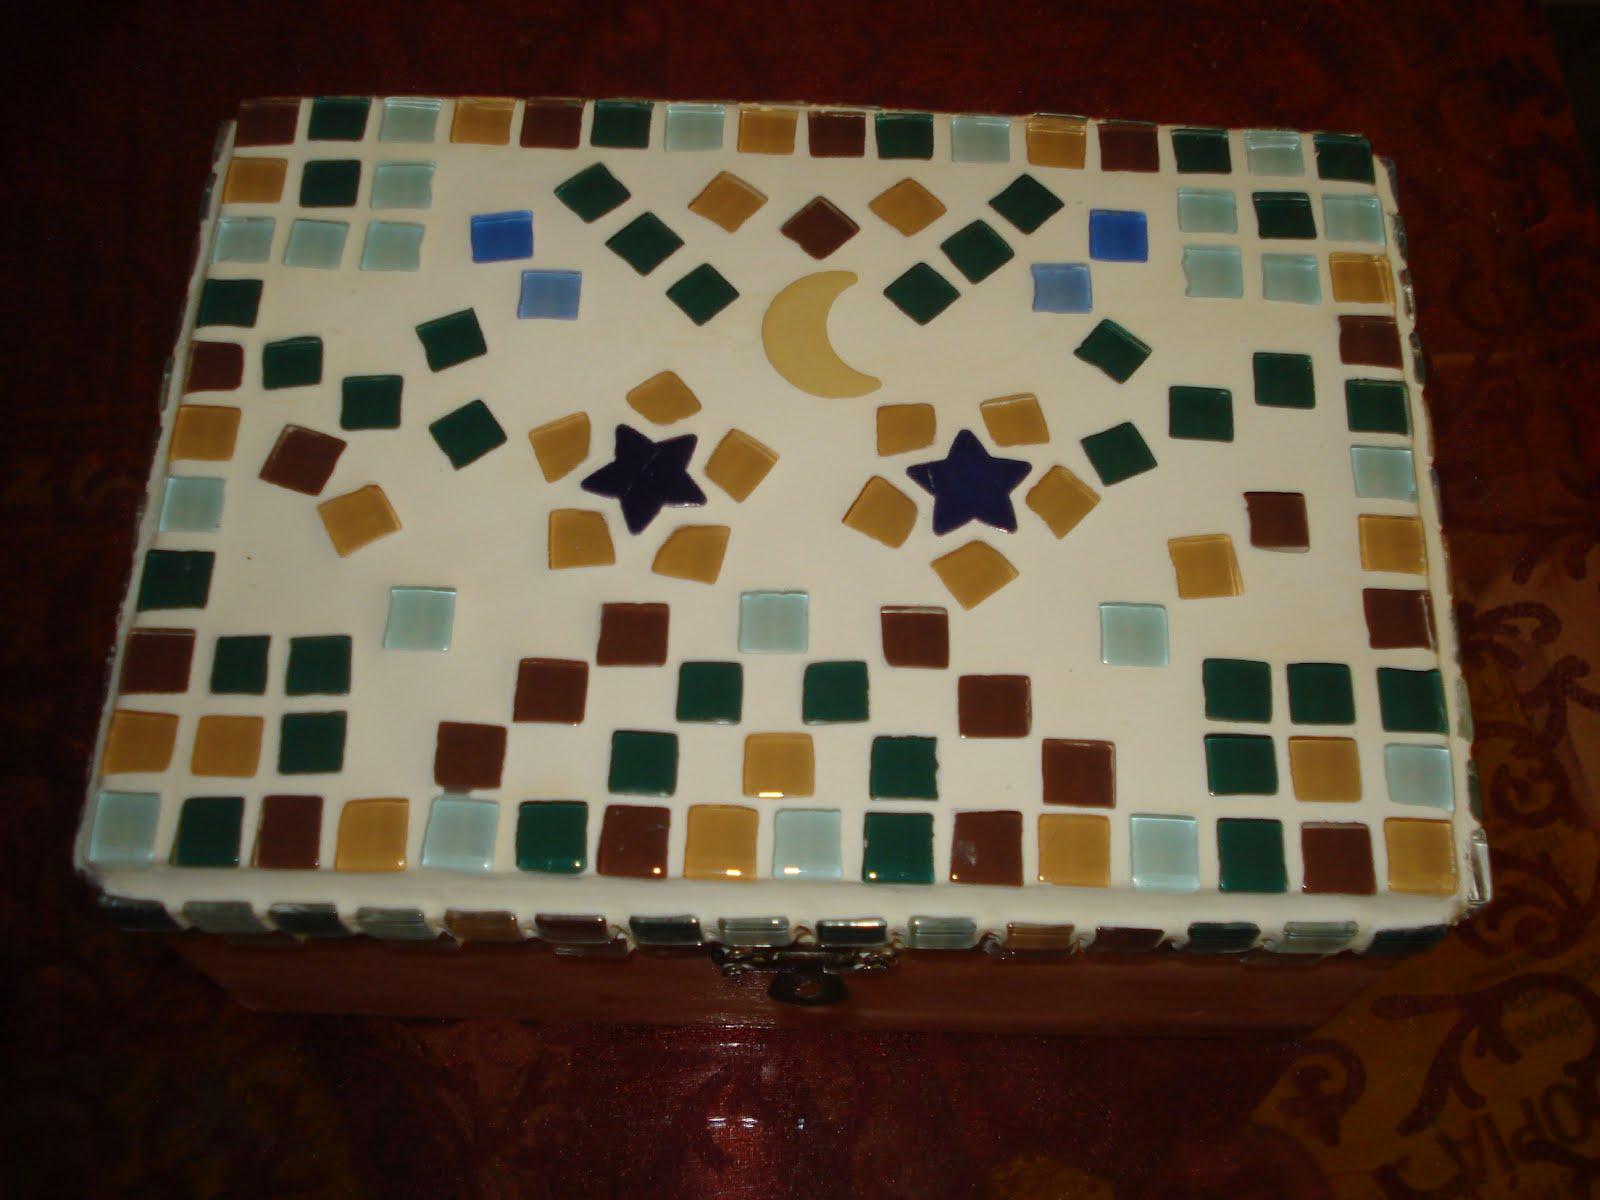 El corralito de piraeus caja de madera con mosaicos - Mosaico de madera ...